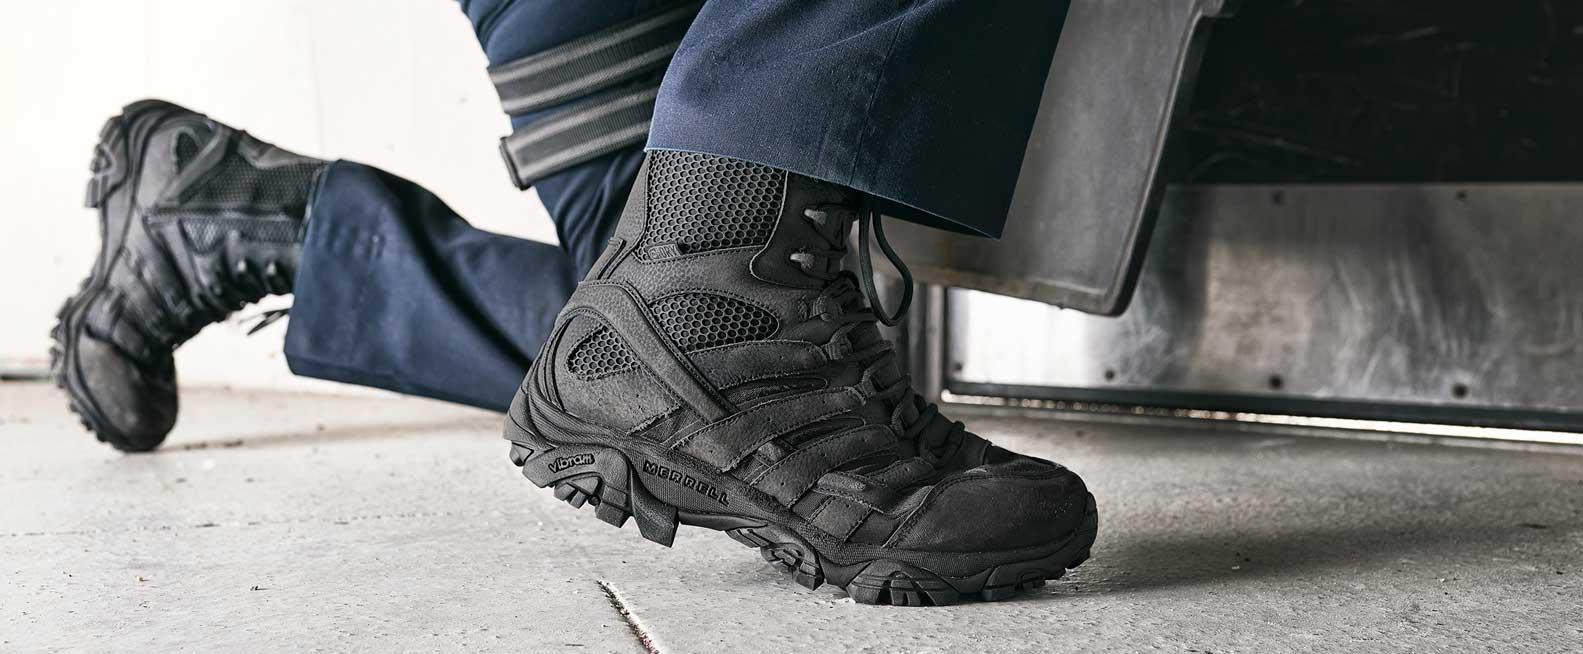 Men's Black Tactical Boots